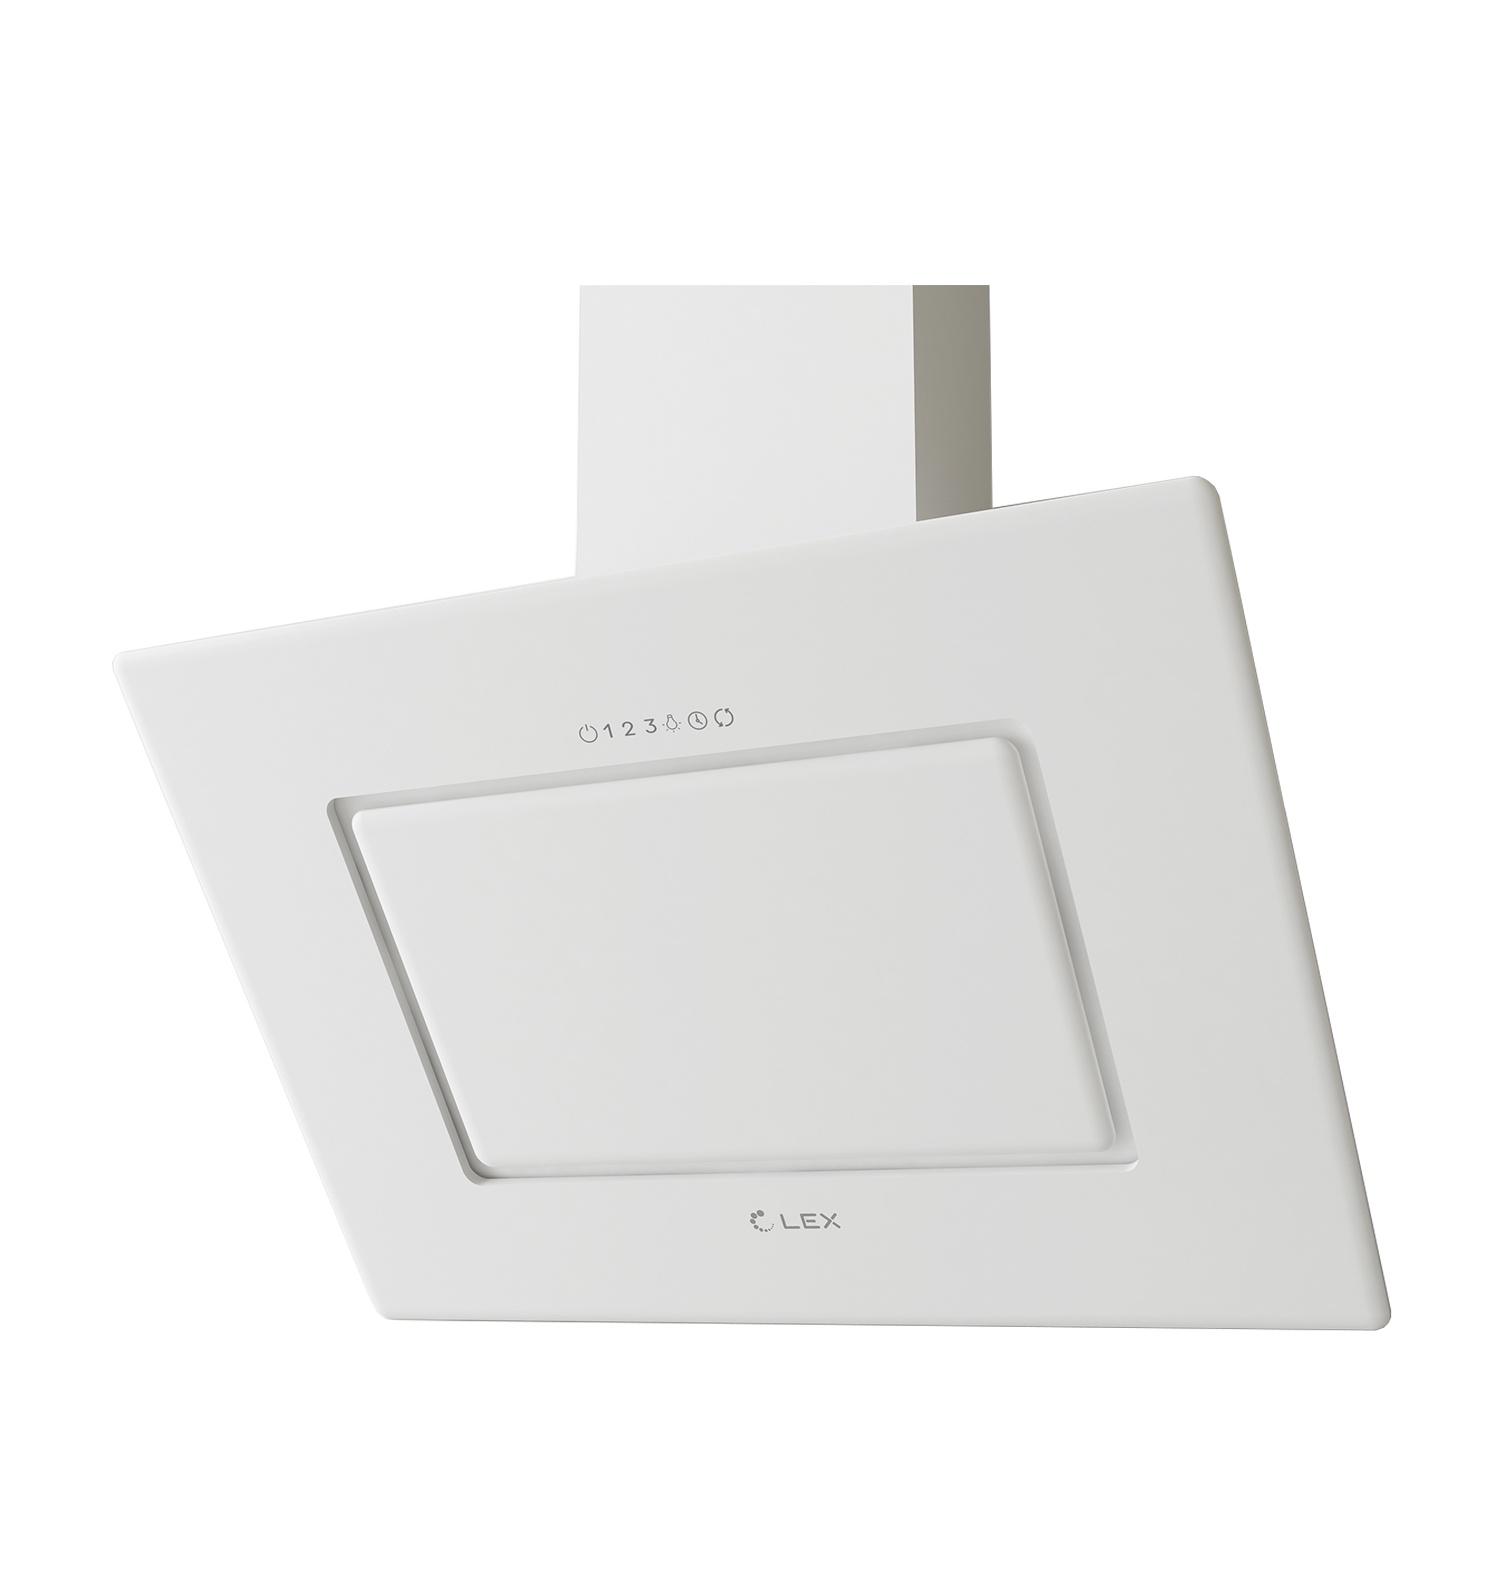 Наклонная кухонная вытяжка LEX Leila 900 White LEX